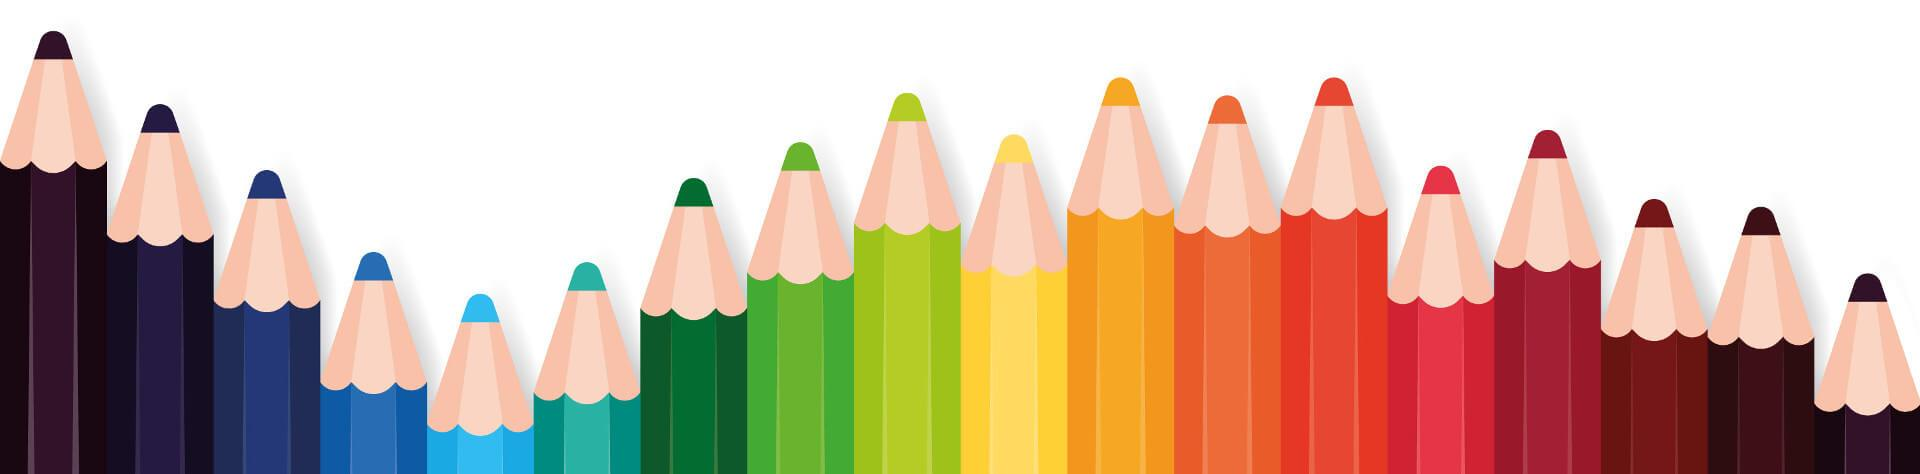 Kolorowanki Lol Surprise Darmowe Kolorowanki Do Wydruku